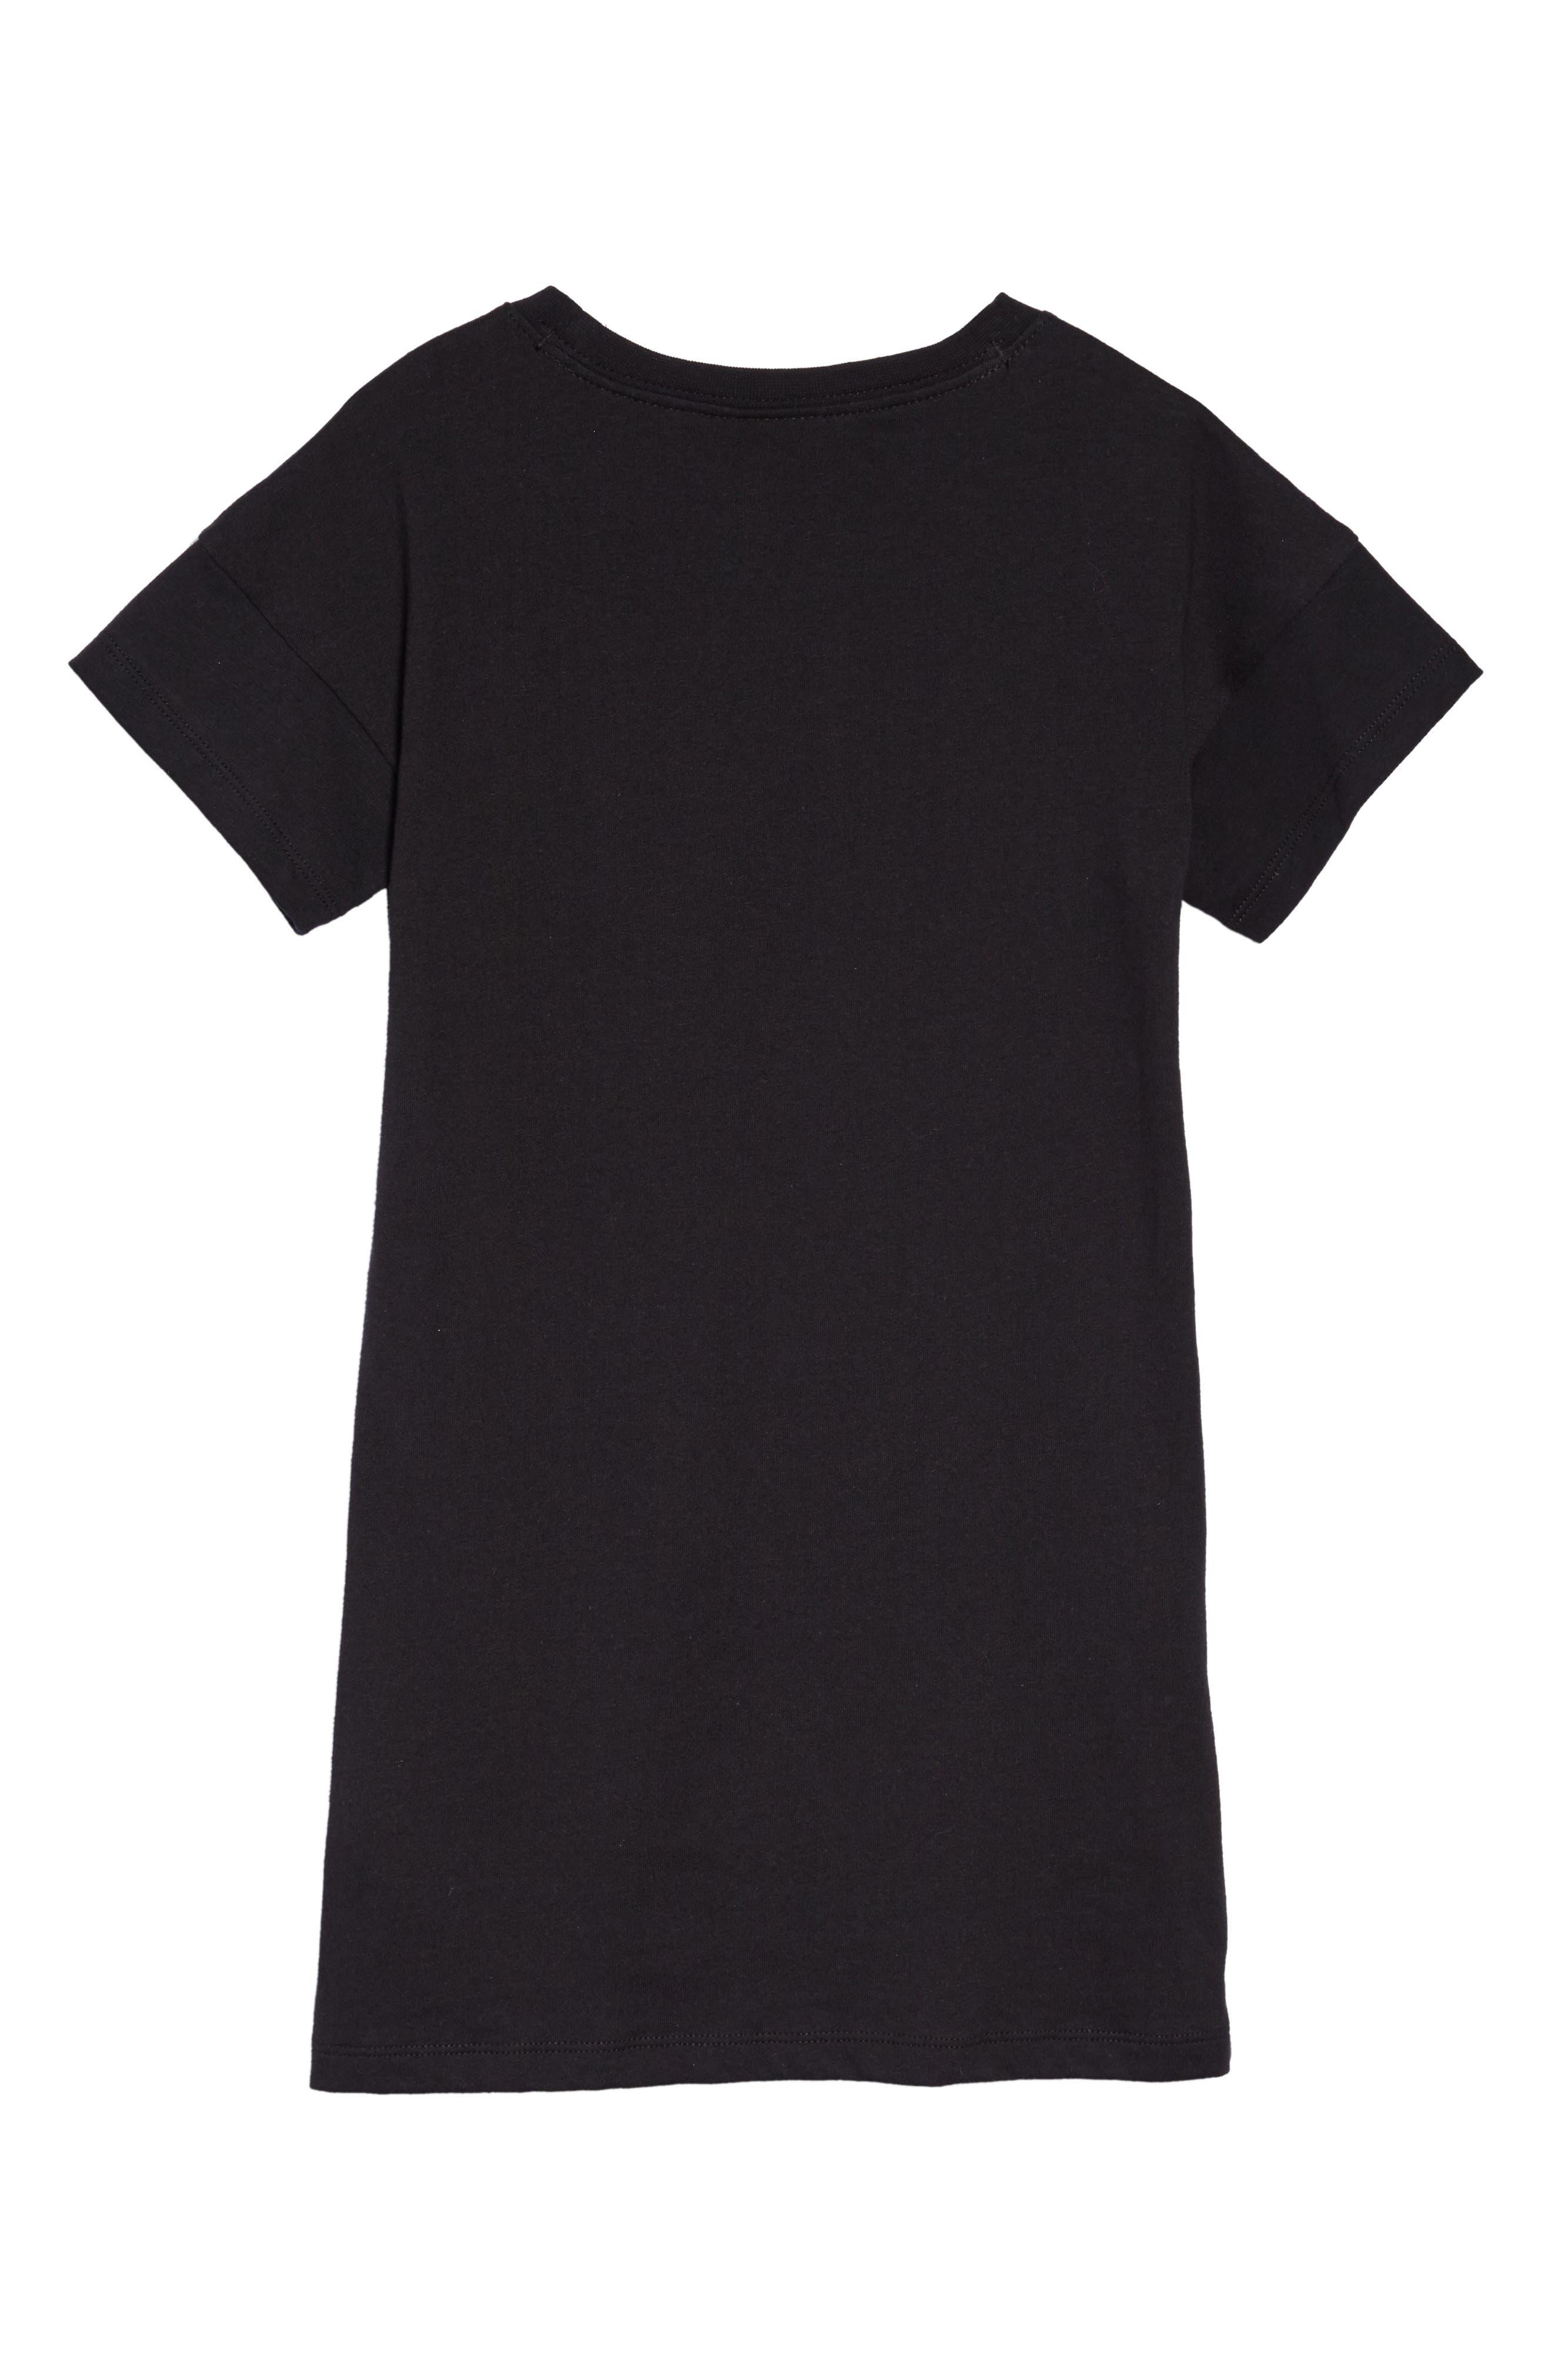 Futura T-Shirt Dress,                             Alternate thumbnail 2, color,                             004